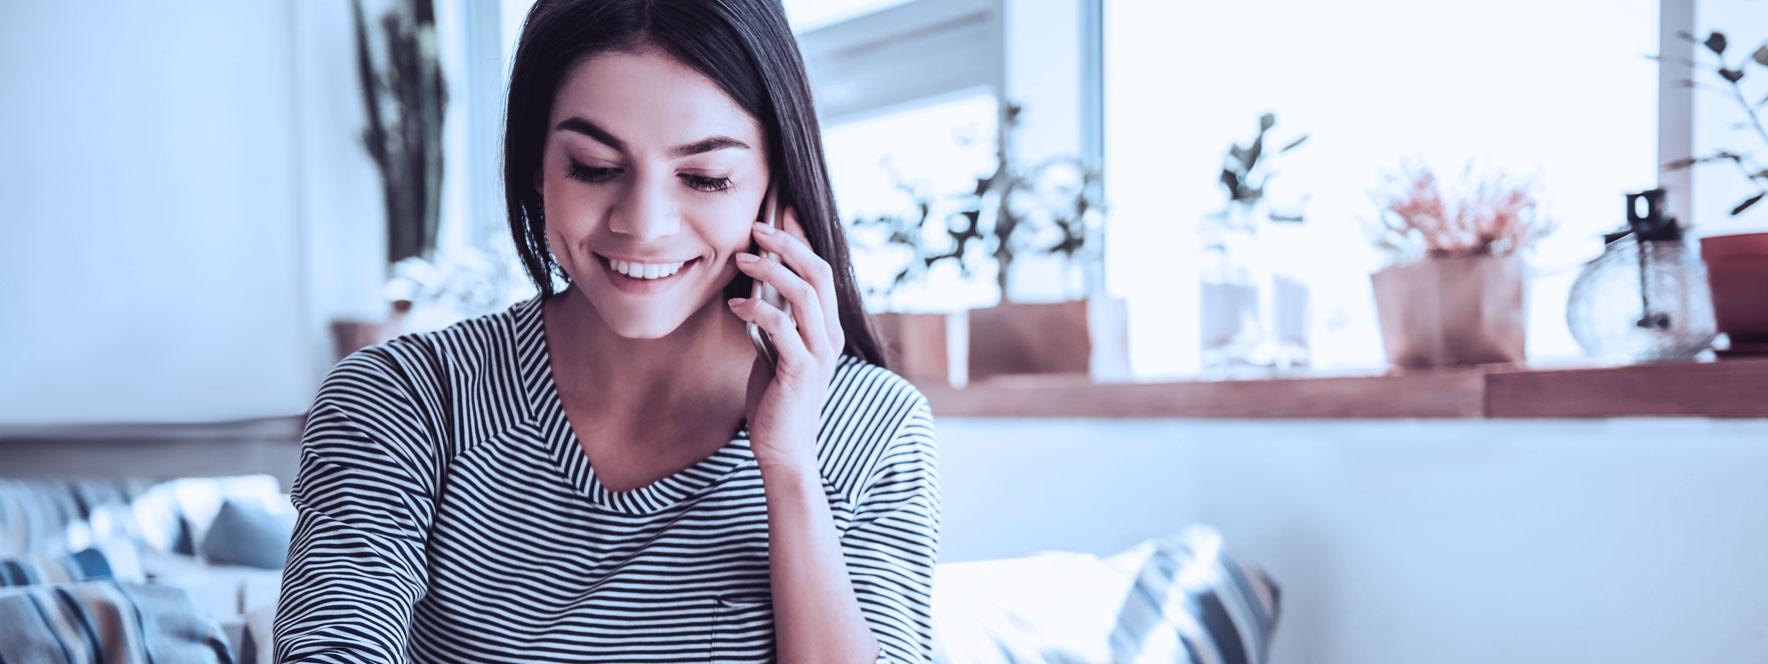 Une massothérapeute parle à un client au téléphone